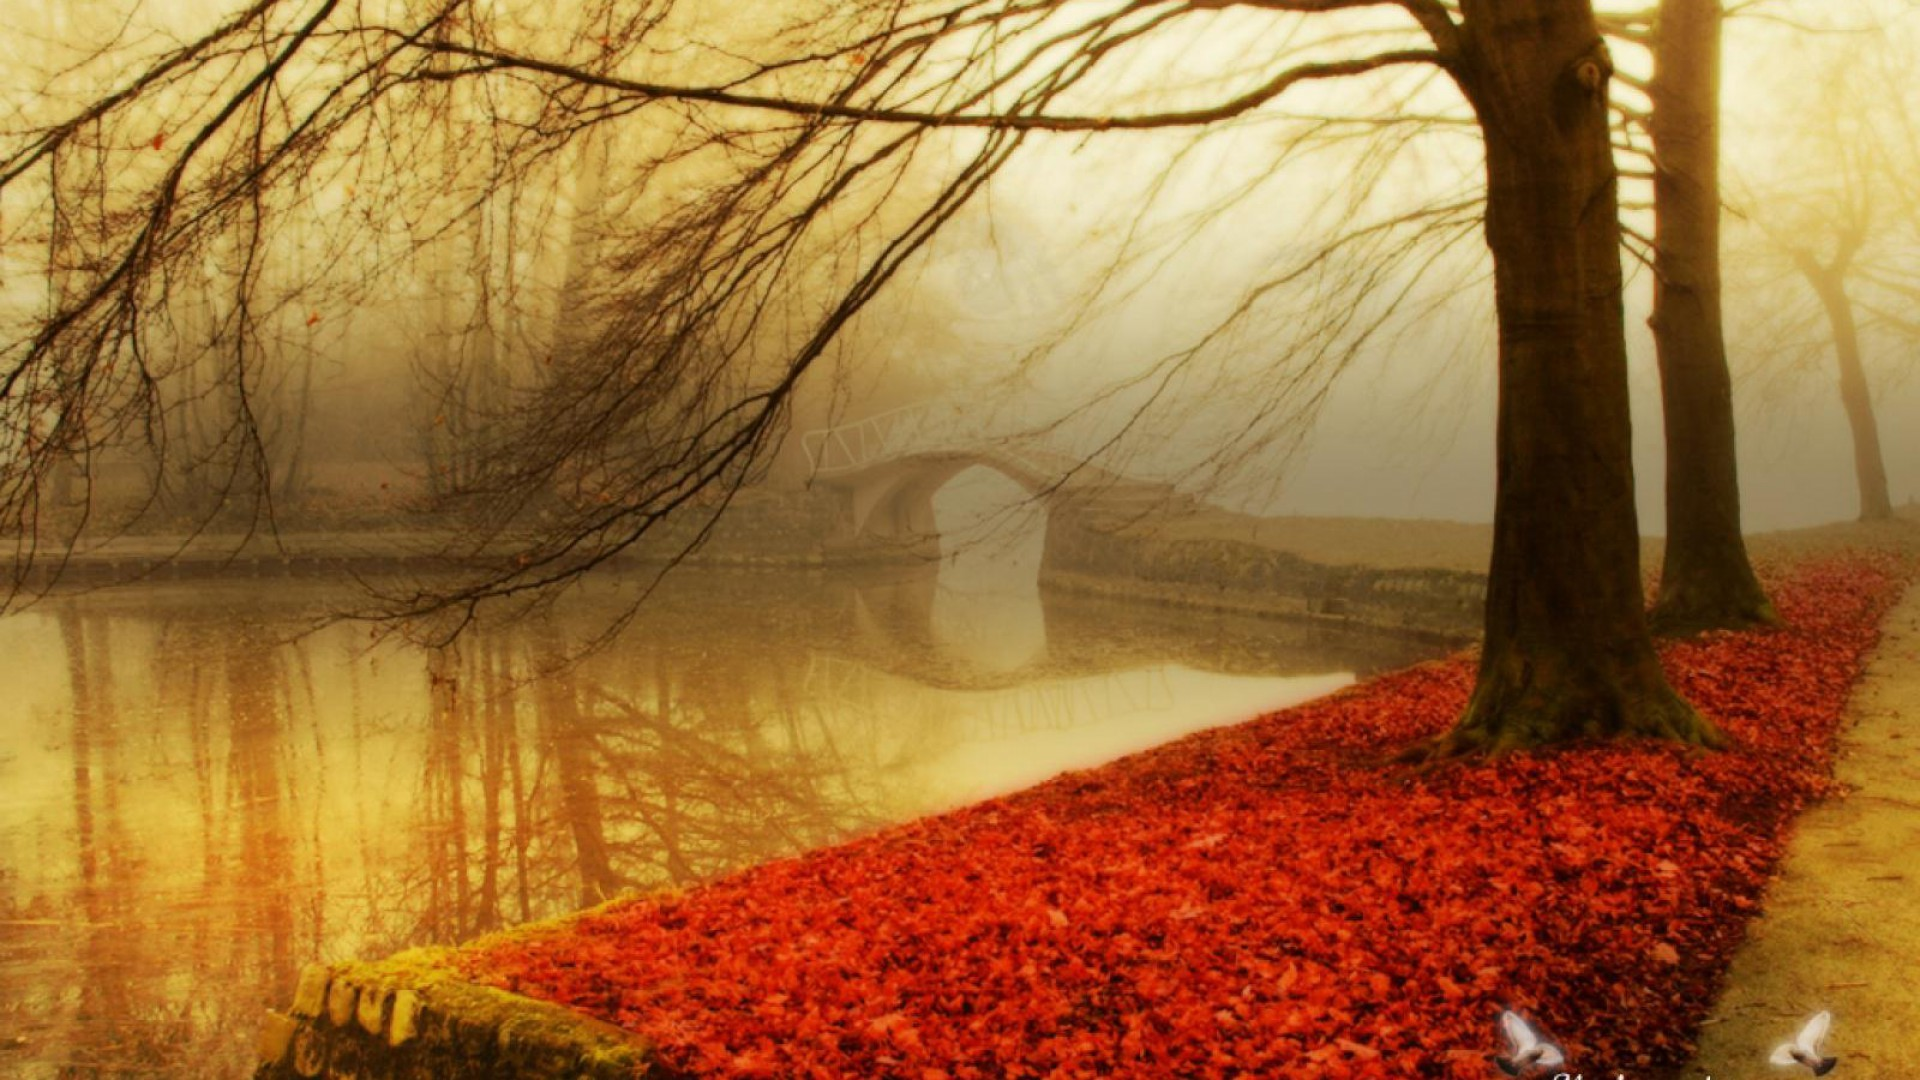 Wallpaper Autumn, Autumn Wallpapers for Desktop V Autumn Season Wallpaper  HD Wallpaper Hd Wallpapers 1920×1080